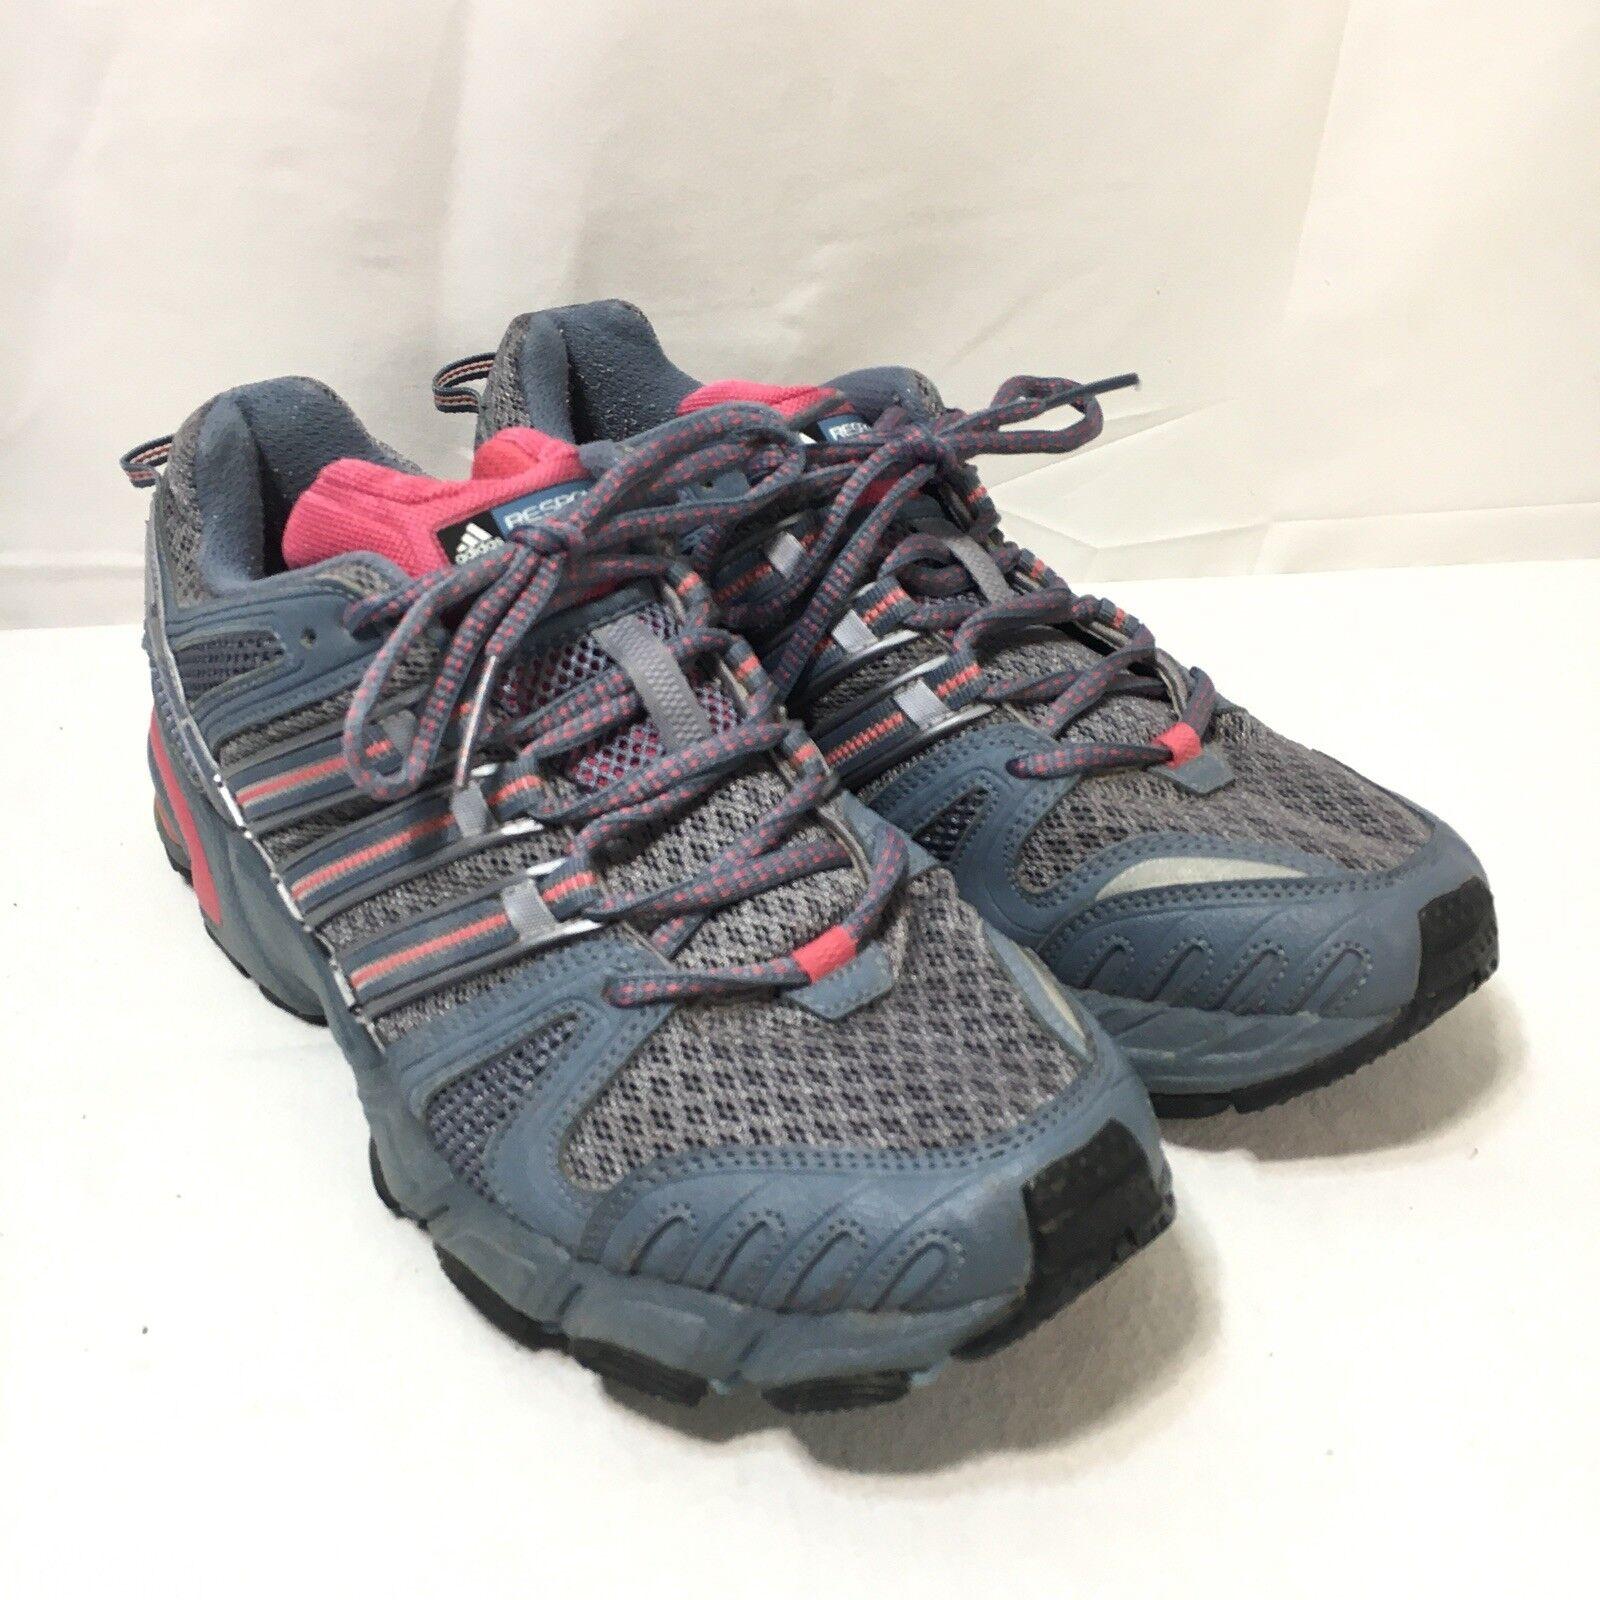 Adidas Response Response Response Trail 15 mujeres 10 gris